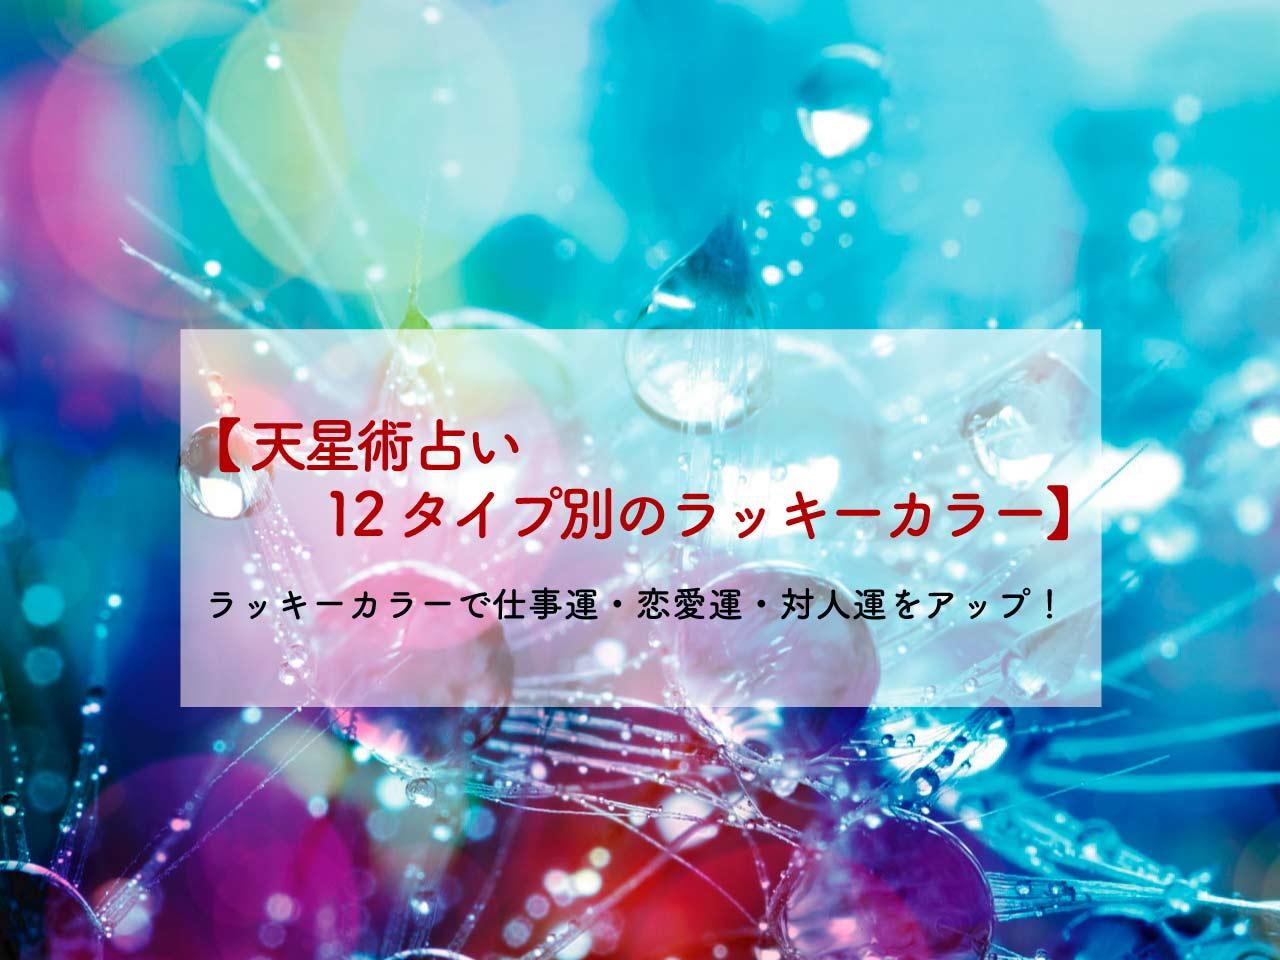 【2021年ラッキーカラー】天星術占い12タイプ別のラッキーカラーで仕事運・恋愛運・対人運をアップ!